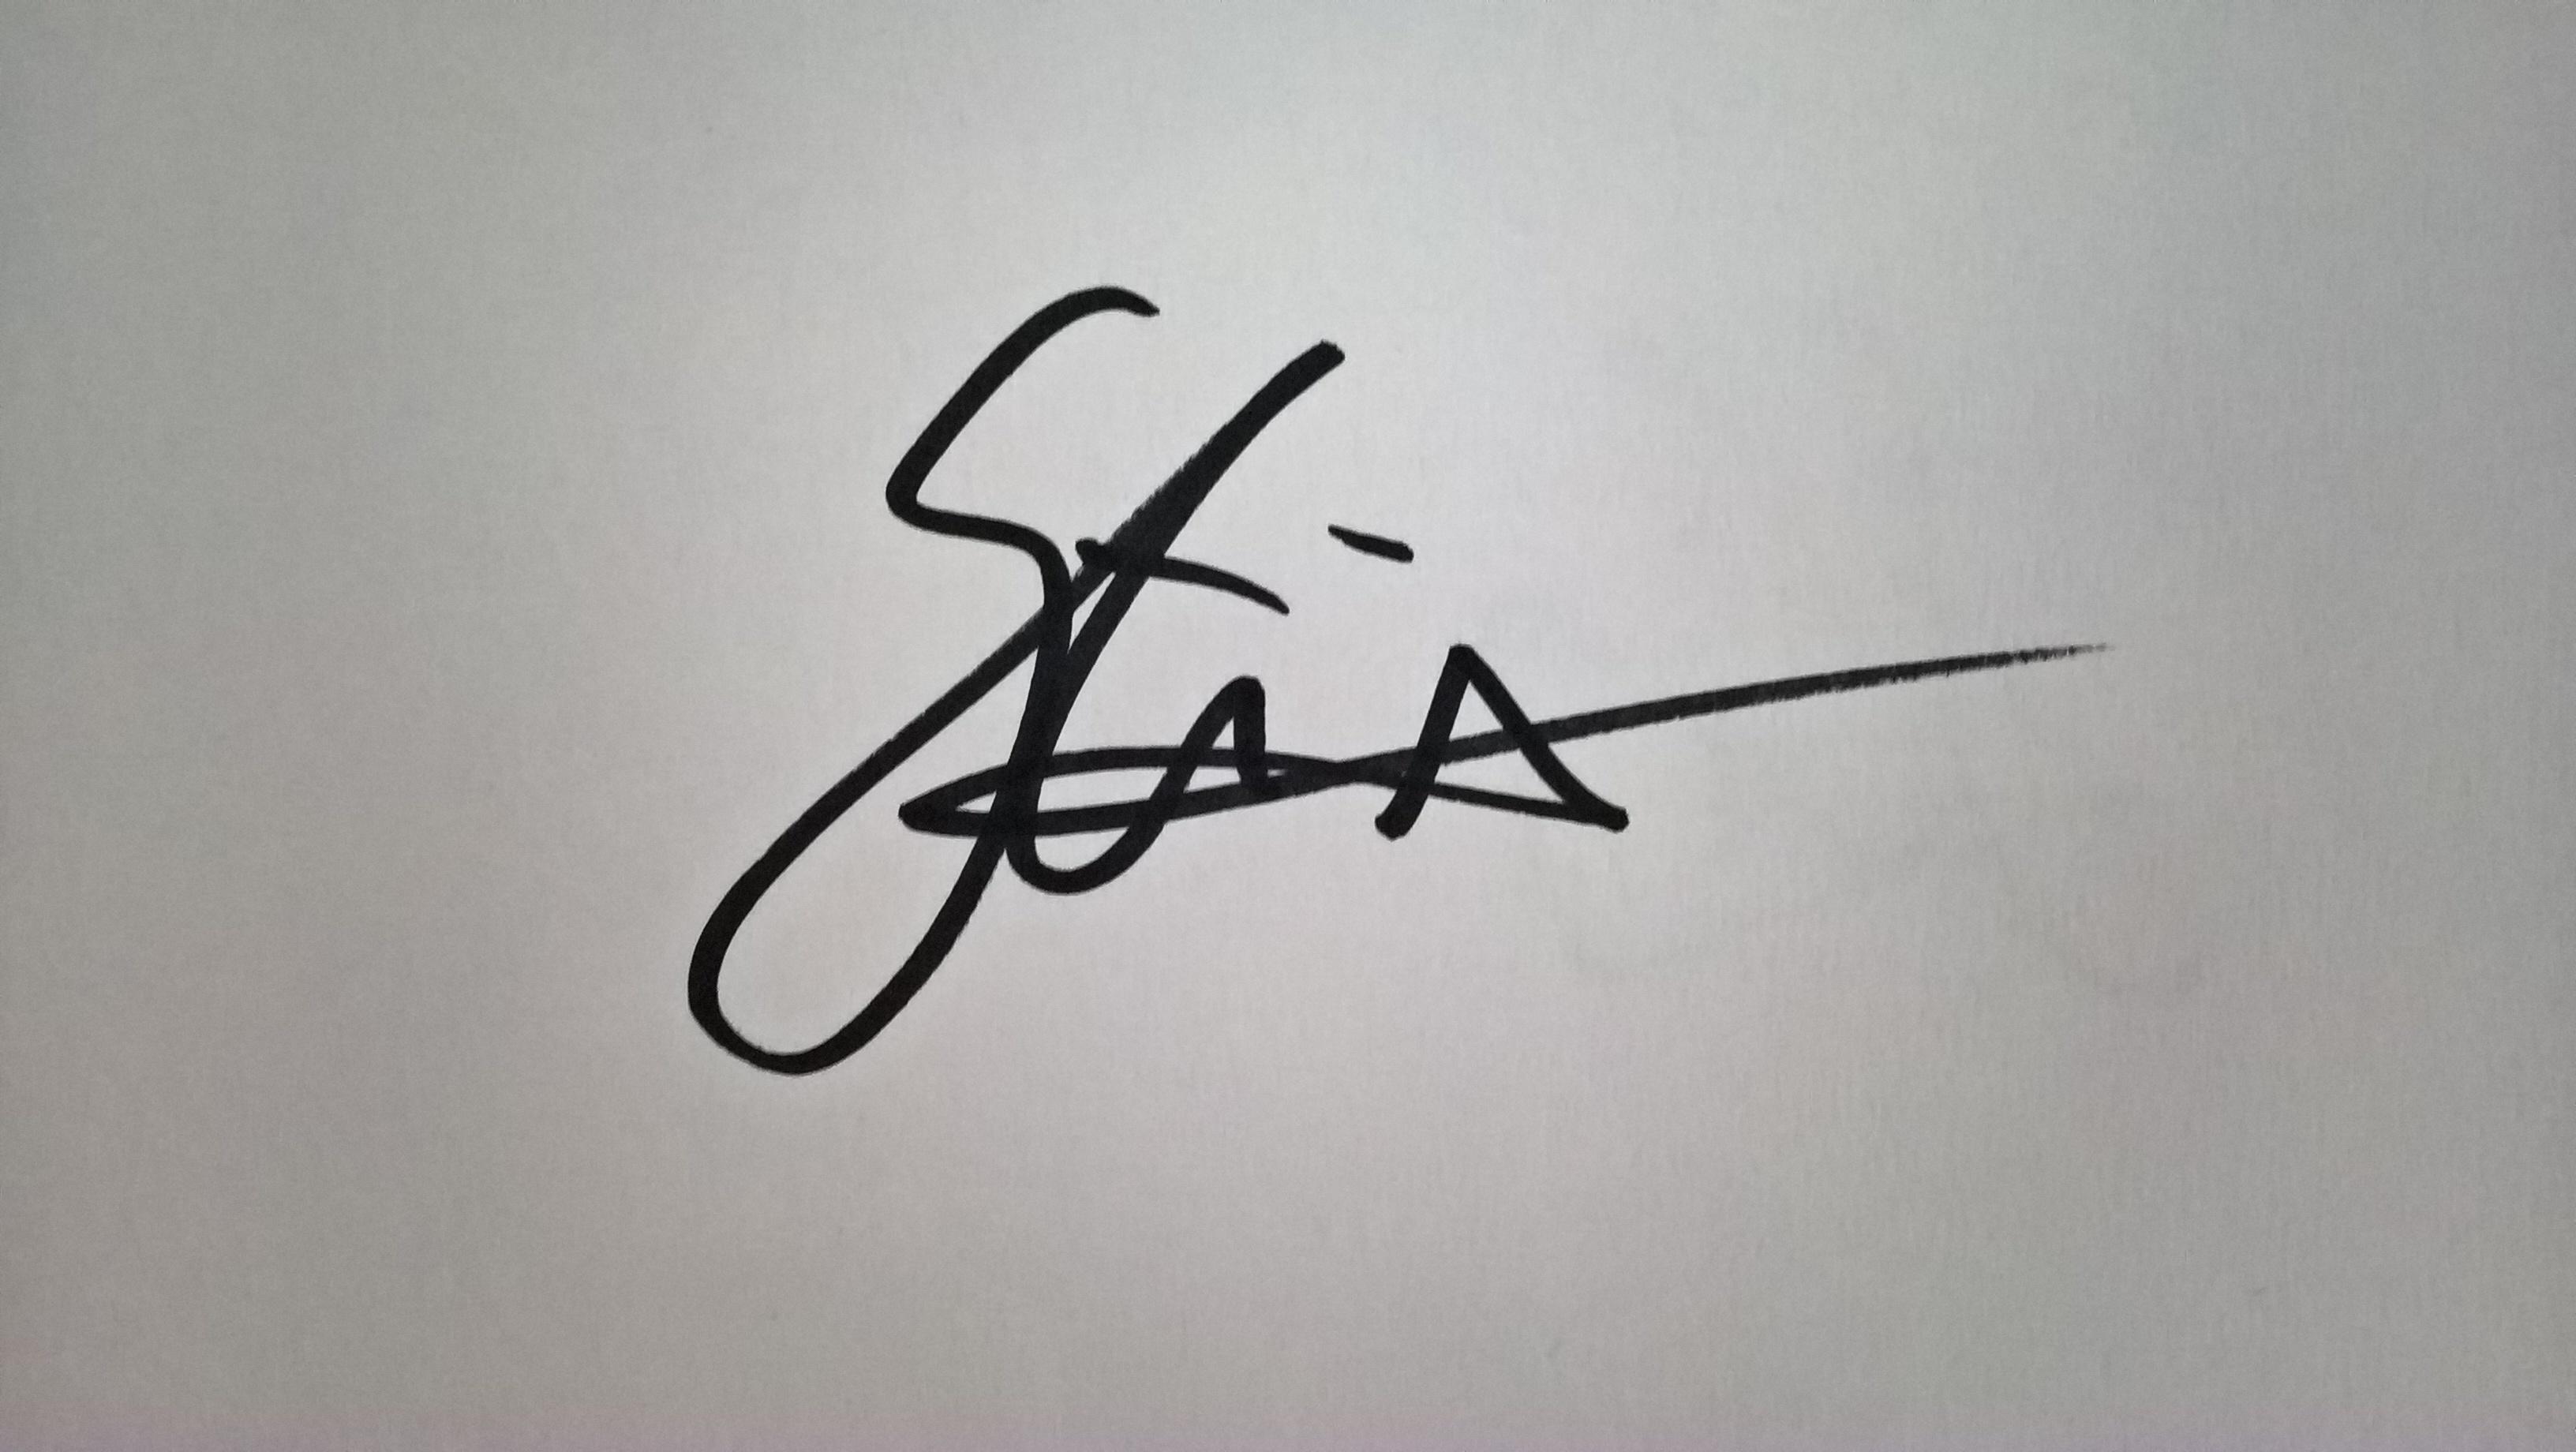 Constantina Seracin's Signature